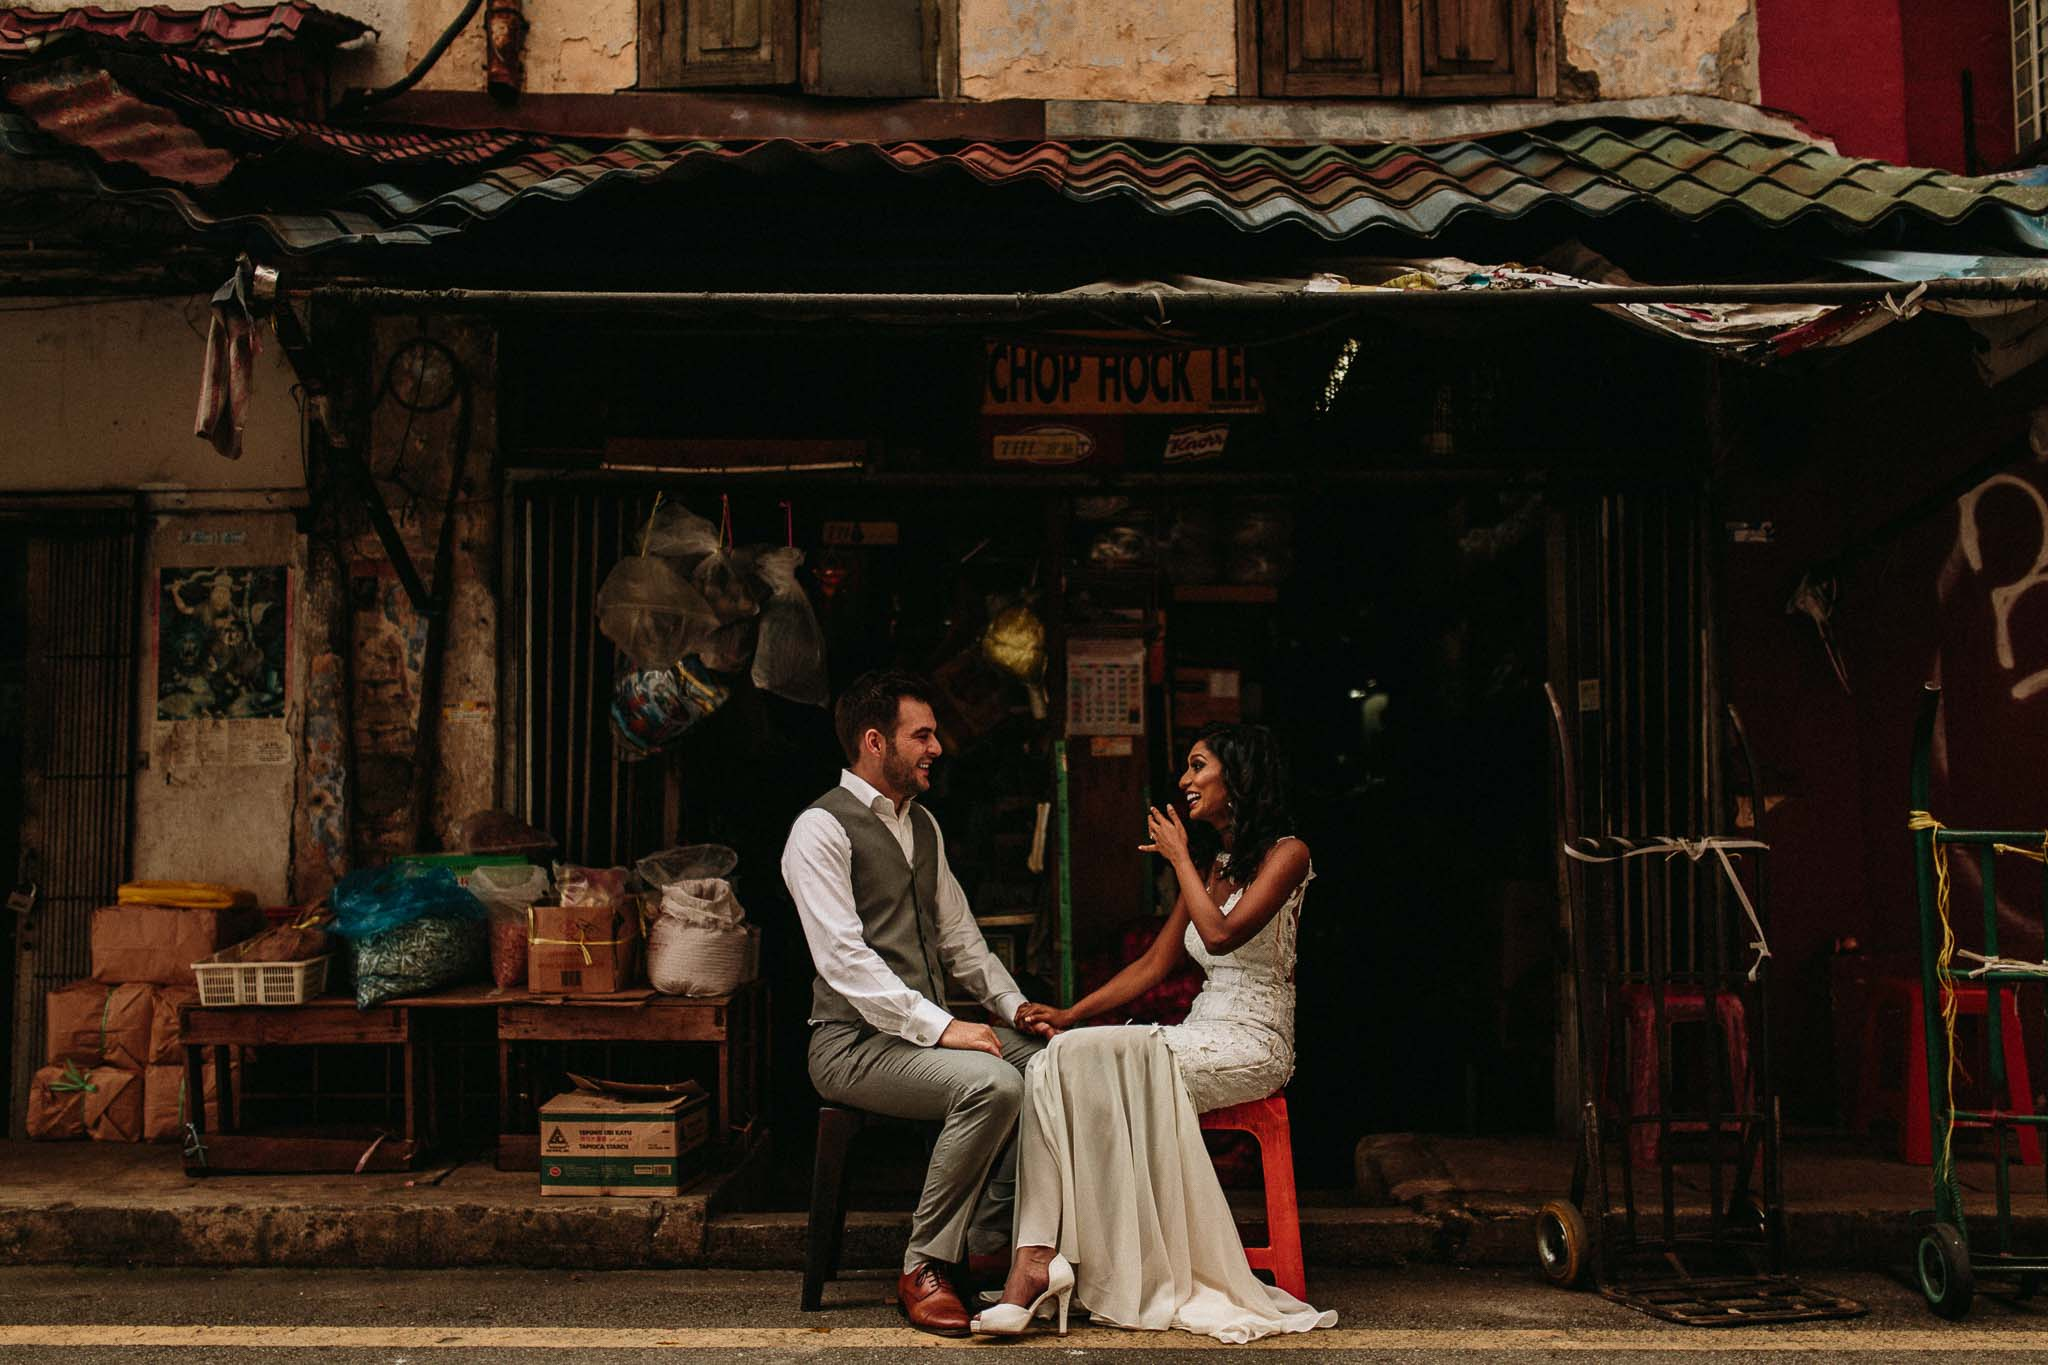 u&m-weddingsbyqay-lovesession-destinationweddingphotographer (92 of 160).jpg